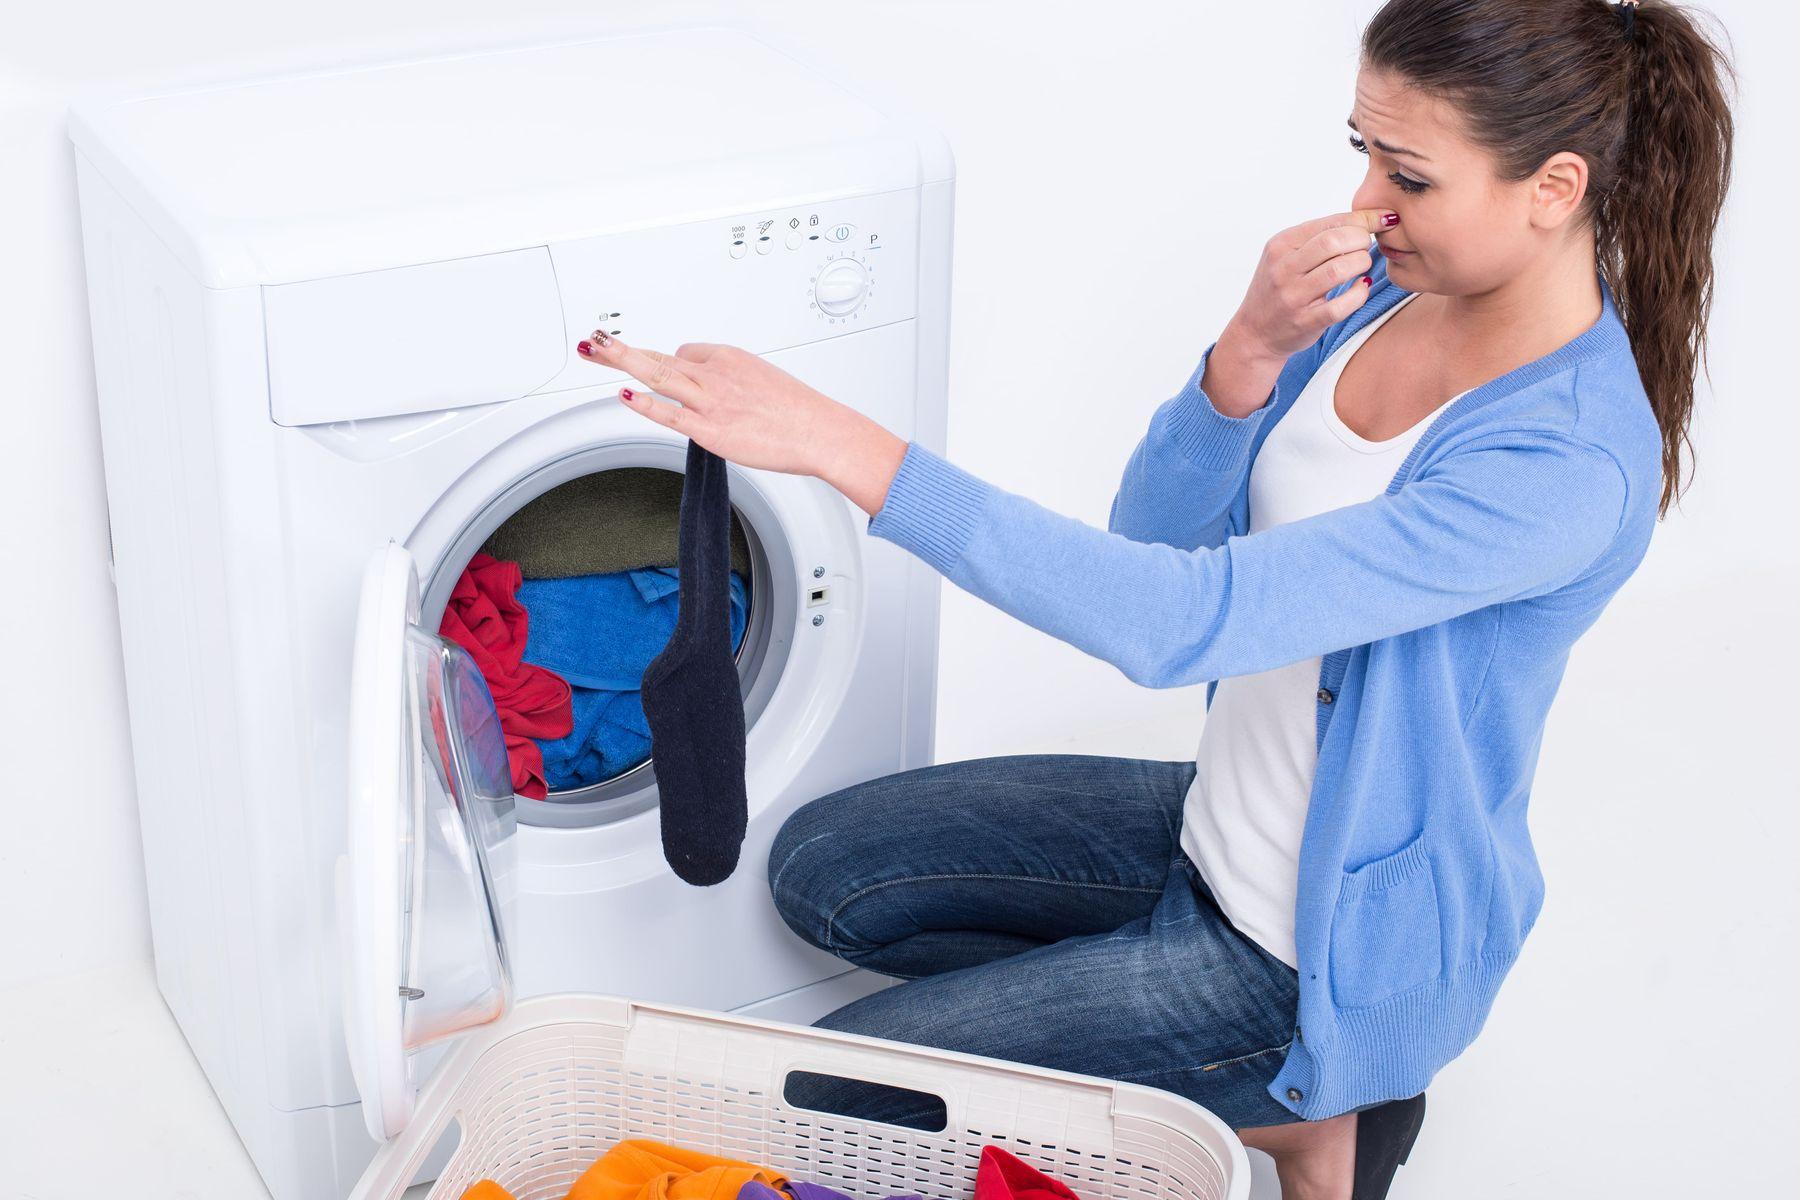 Tác hại của việc bỏ nước xả vải vào máy giặt sai cách bạn đã biết chưa?